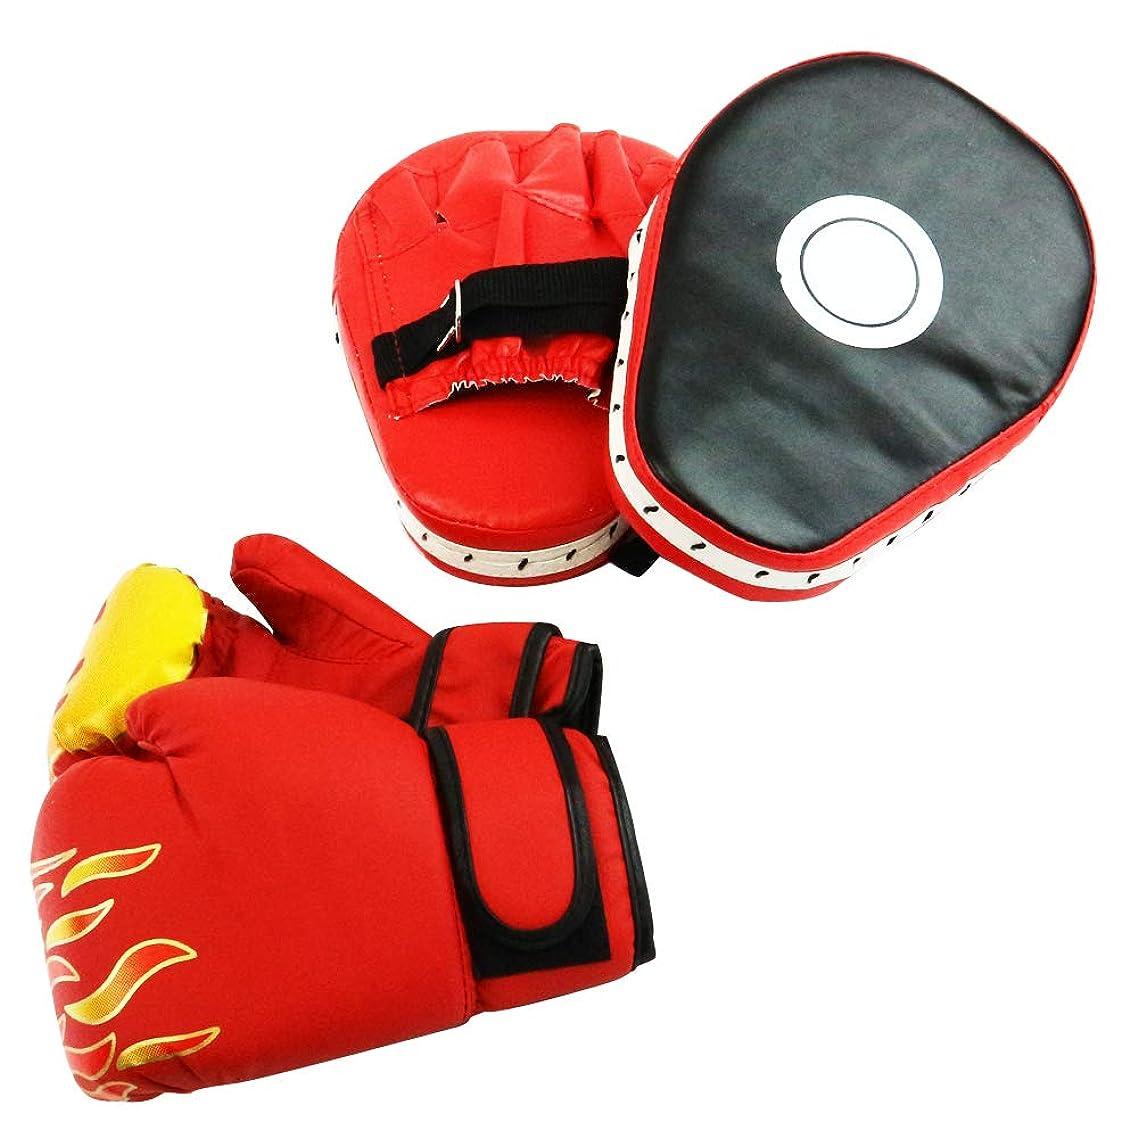 せせらぎ火曜日ポスターmorishas【保証書付き】 親子で特訓 子供用 ボクシング グローブ 大人用 ミット付き トレーニング パンチンググローブ